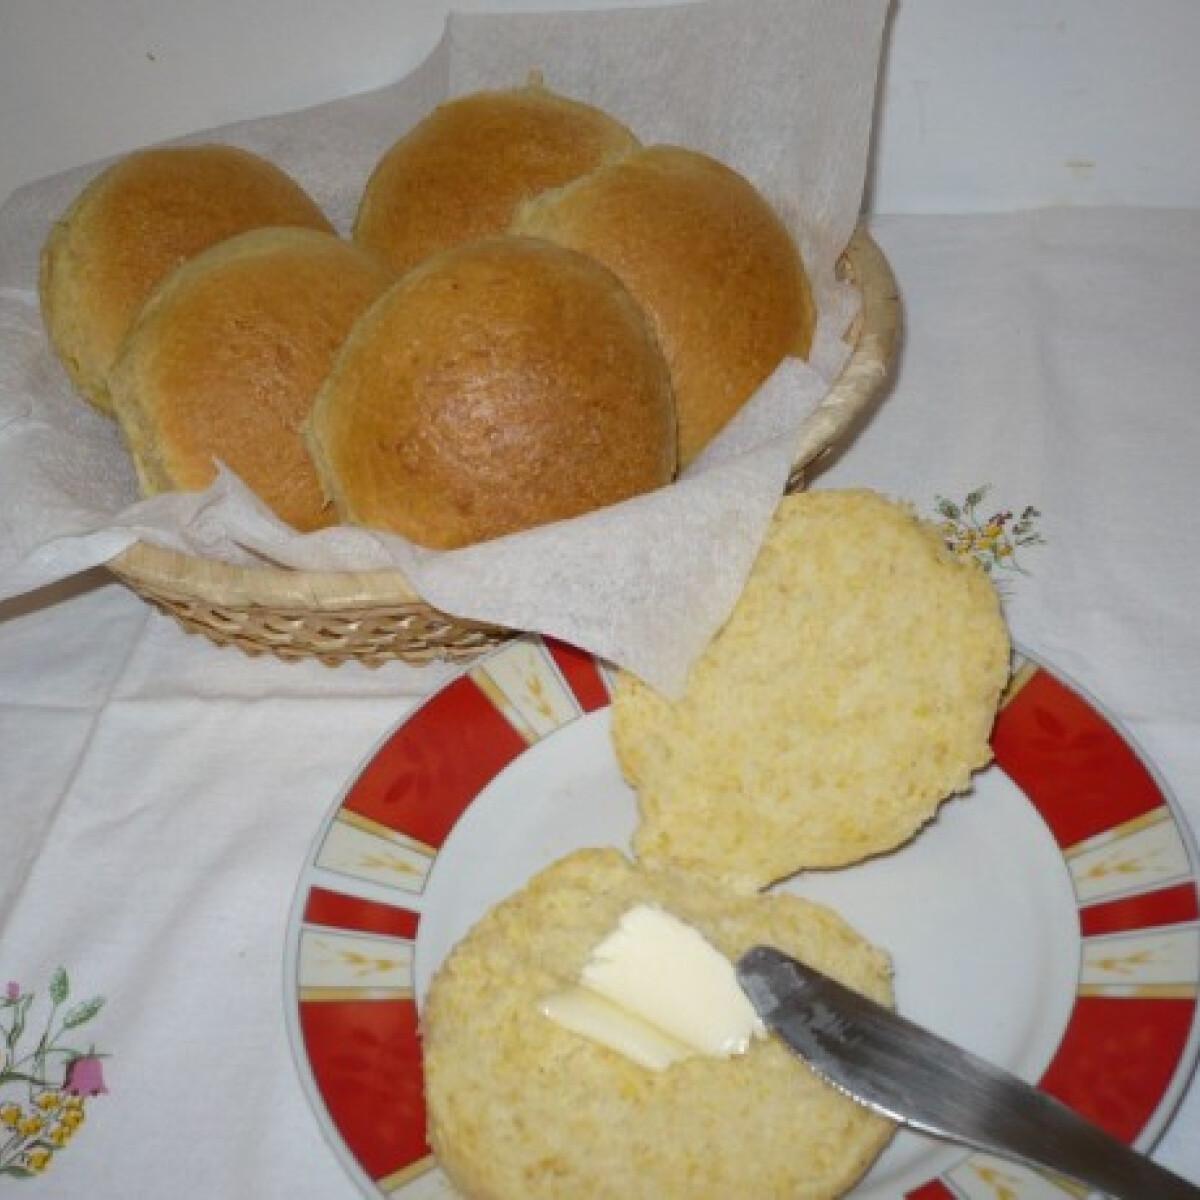 Ezen a képen: Kukoricadarás zsemle